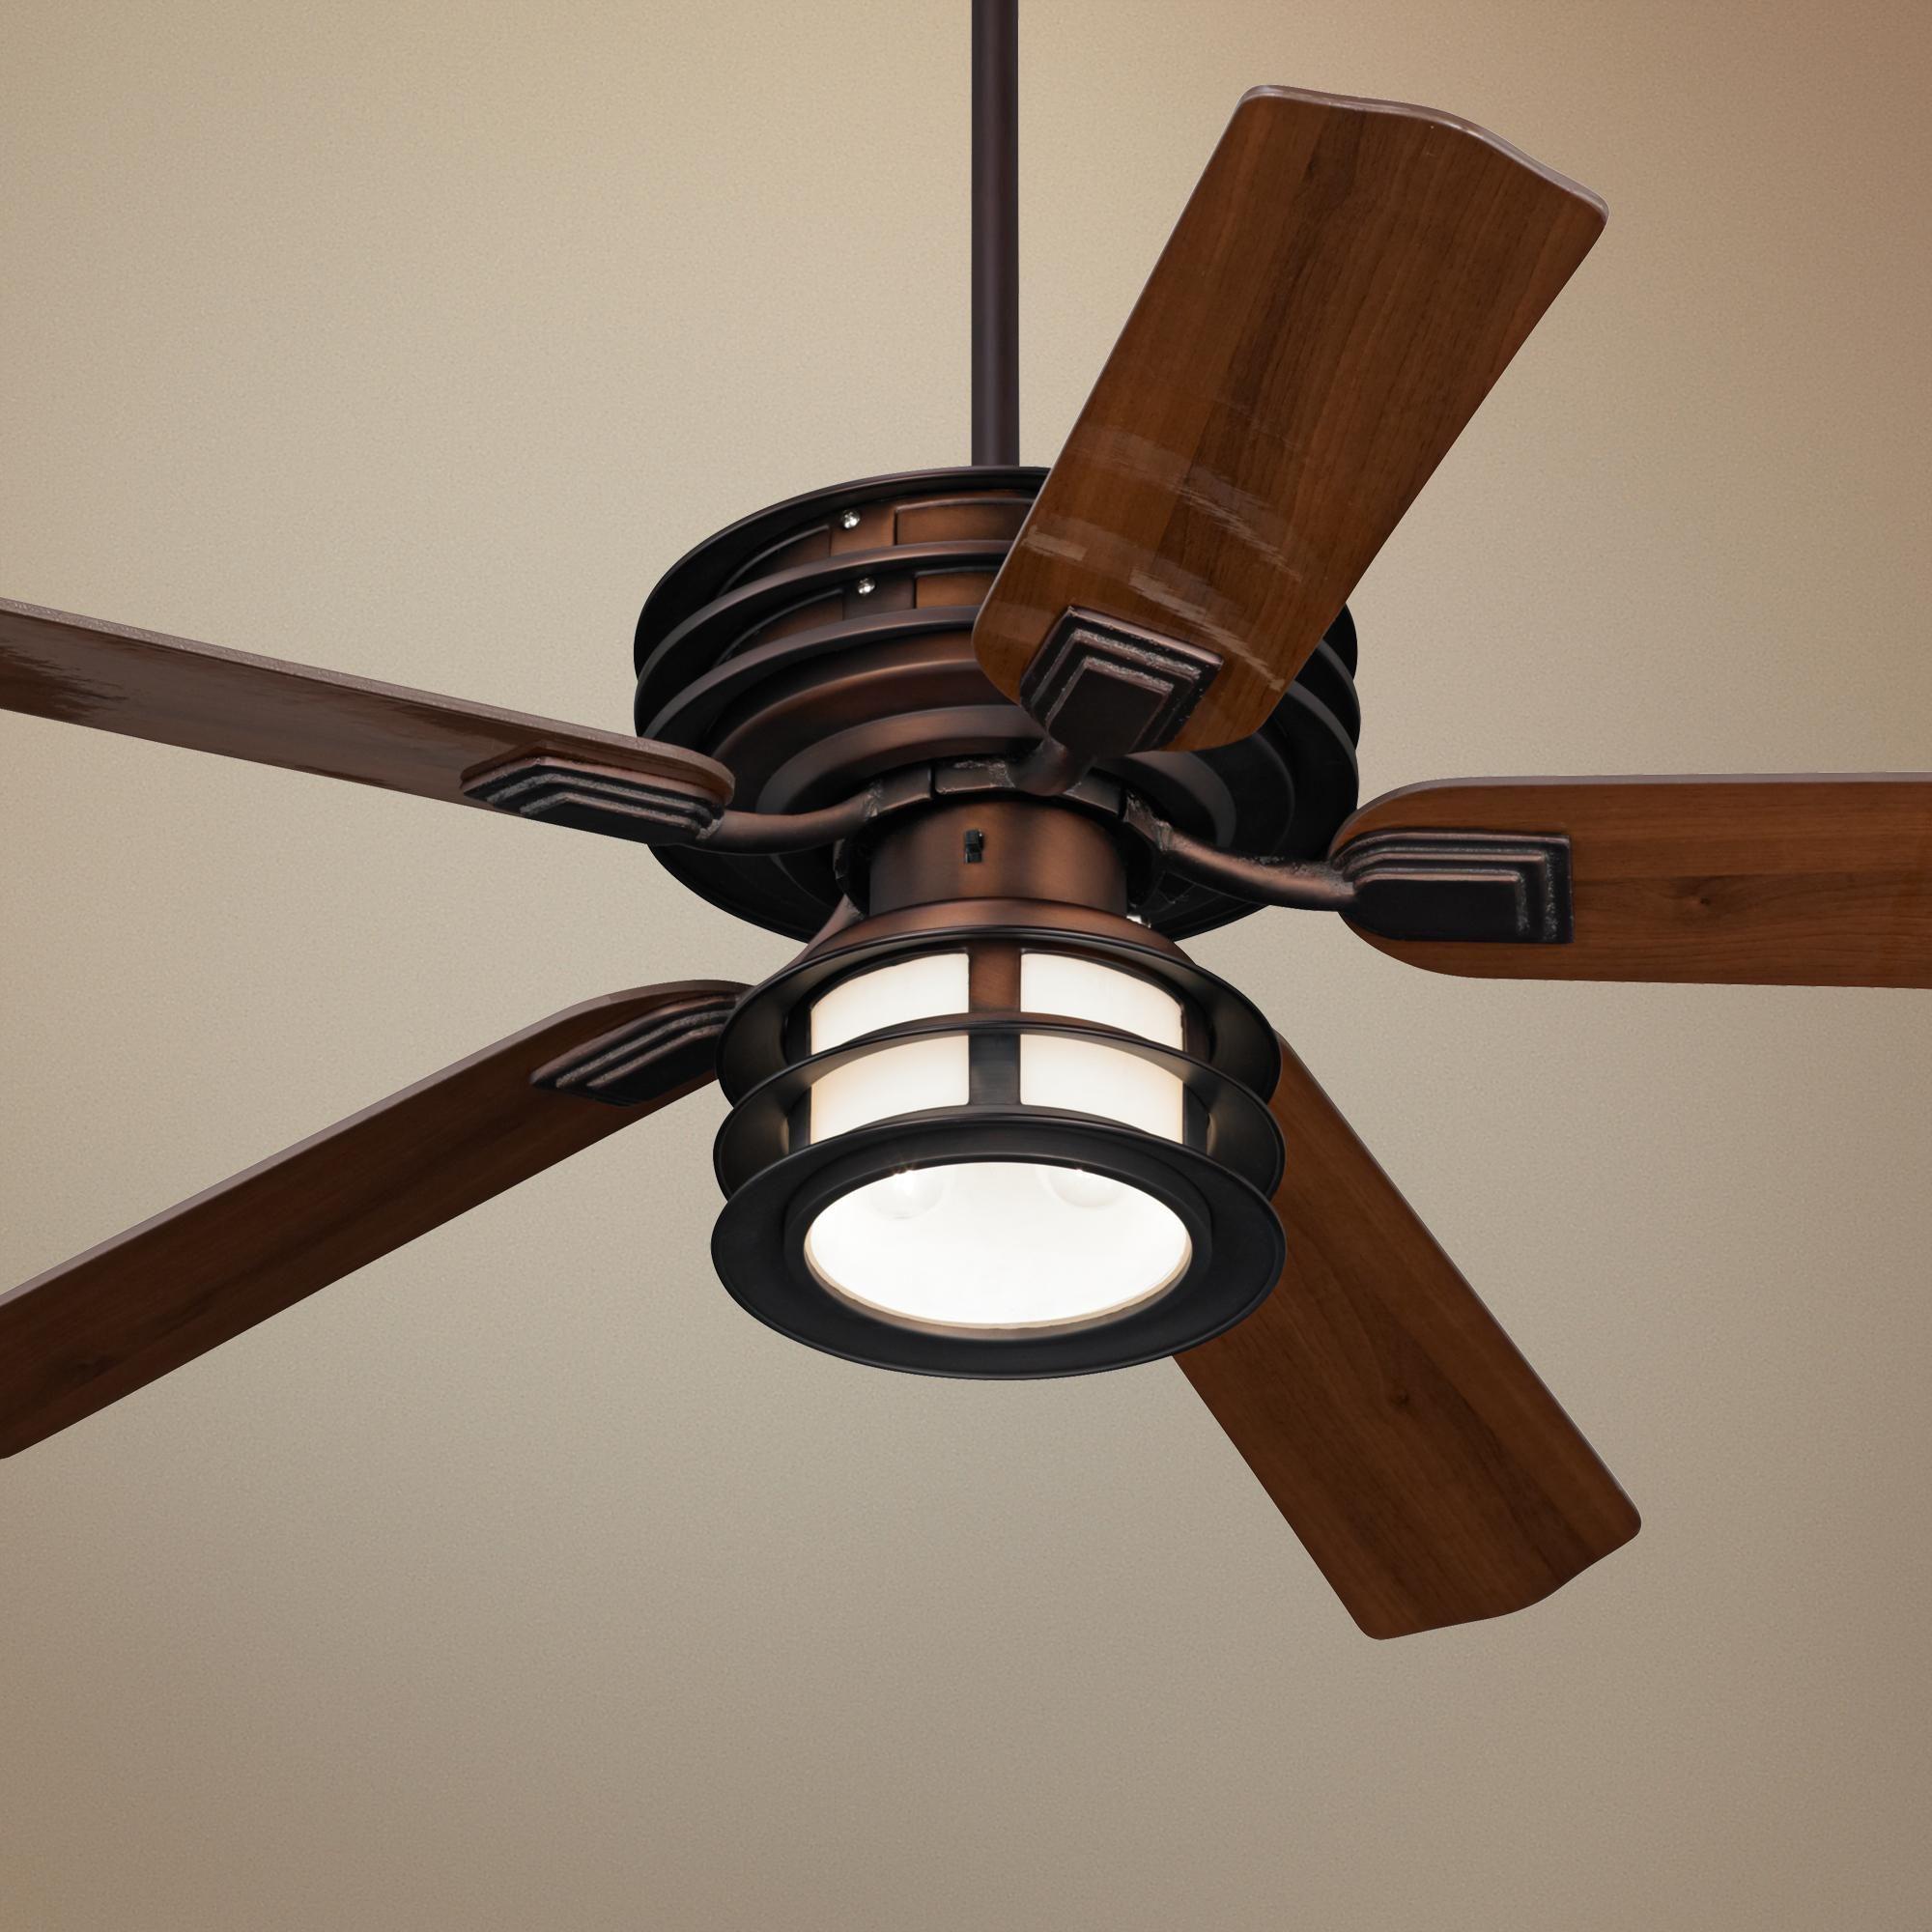 Best 25+ Craftsman ceiling fan accessories ideas on ...